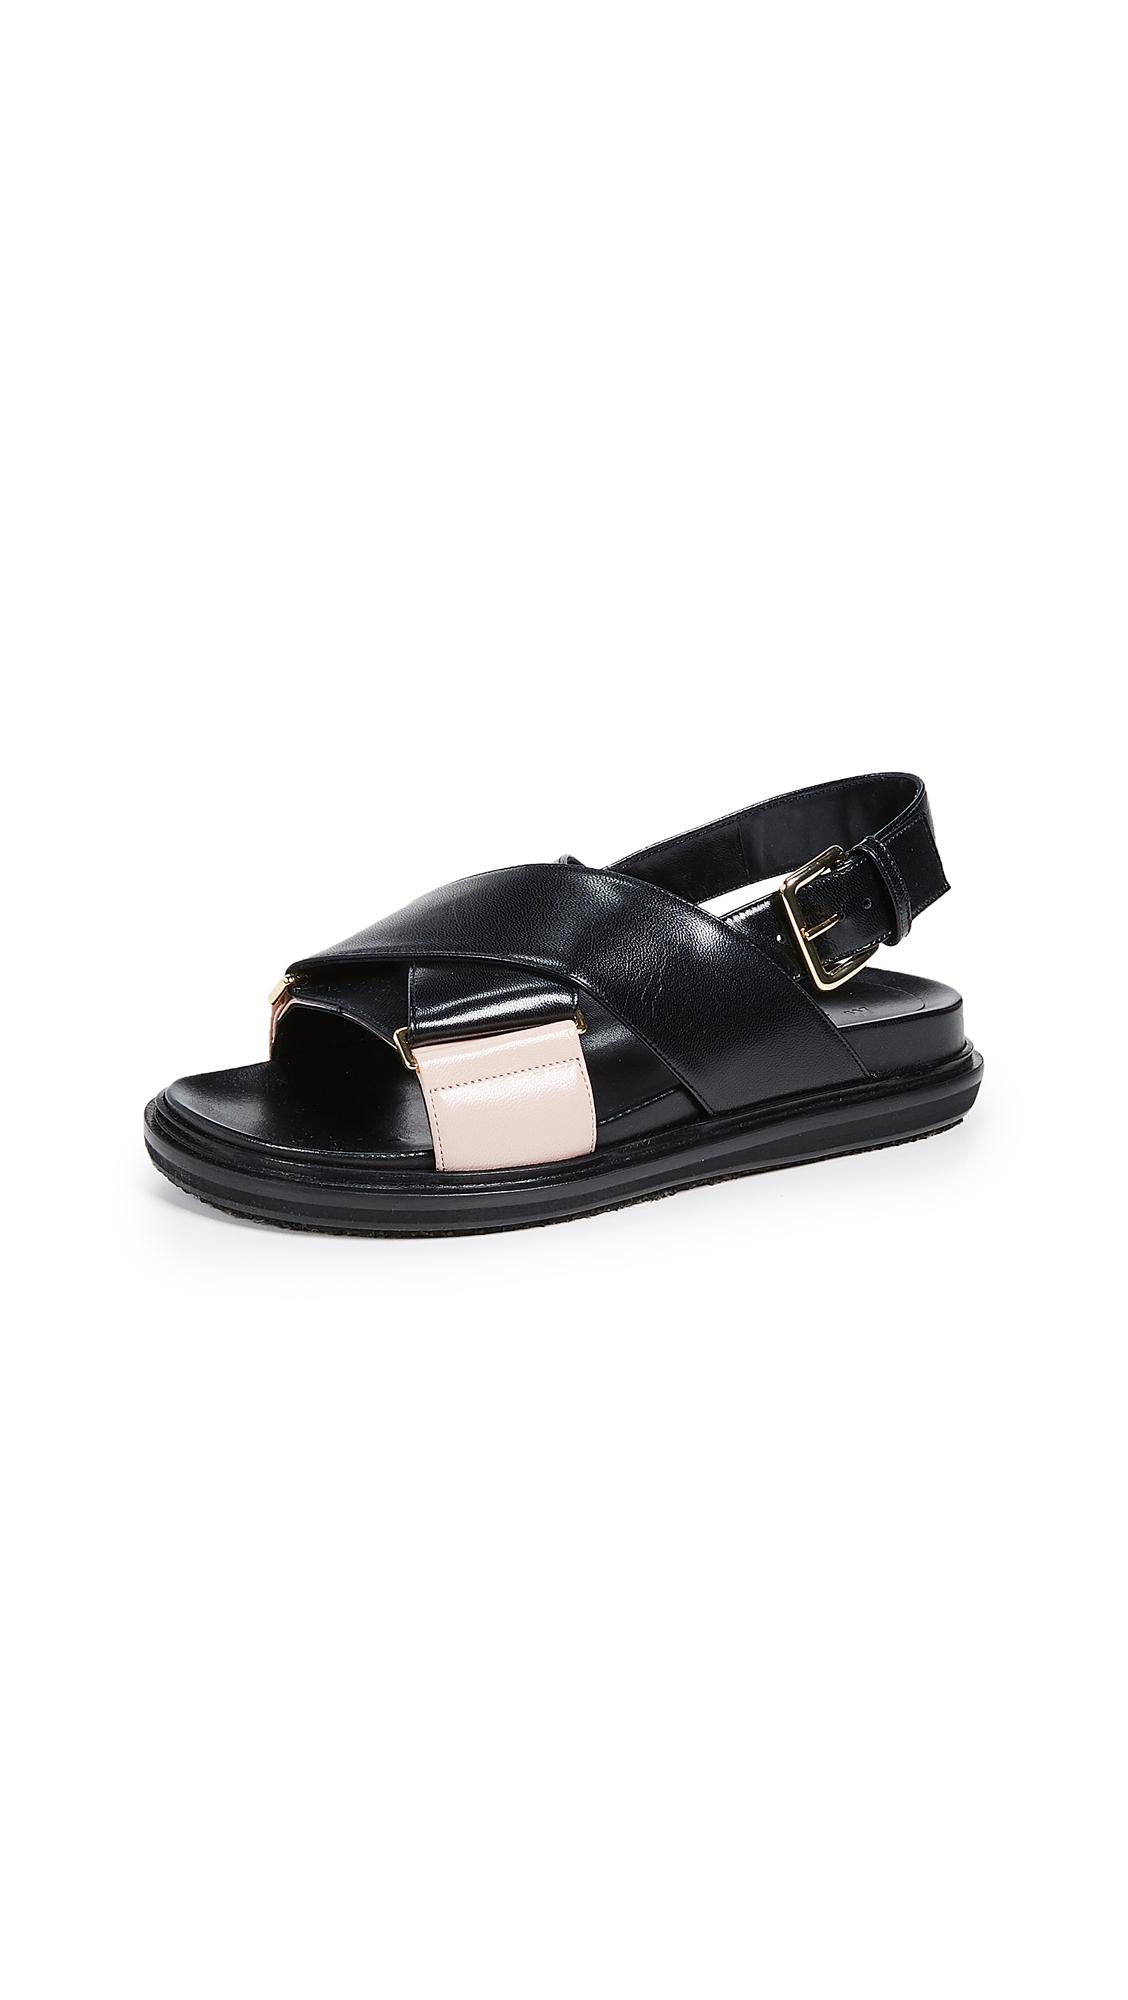 Marni Fussbett Sandals - Black/Tan